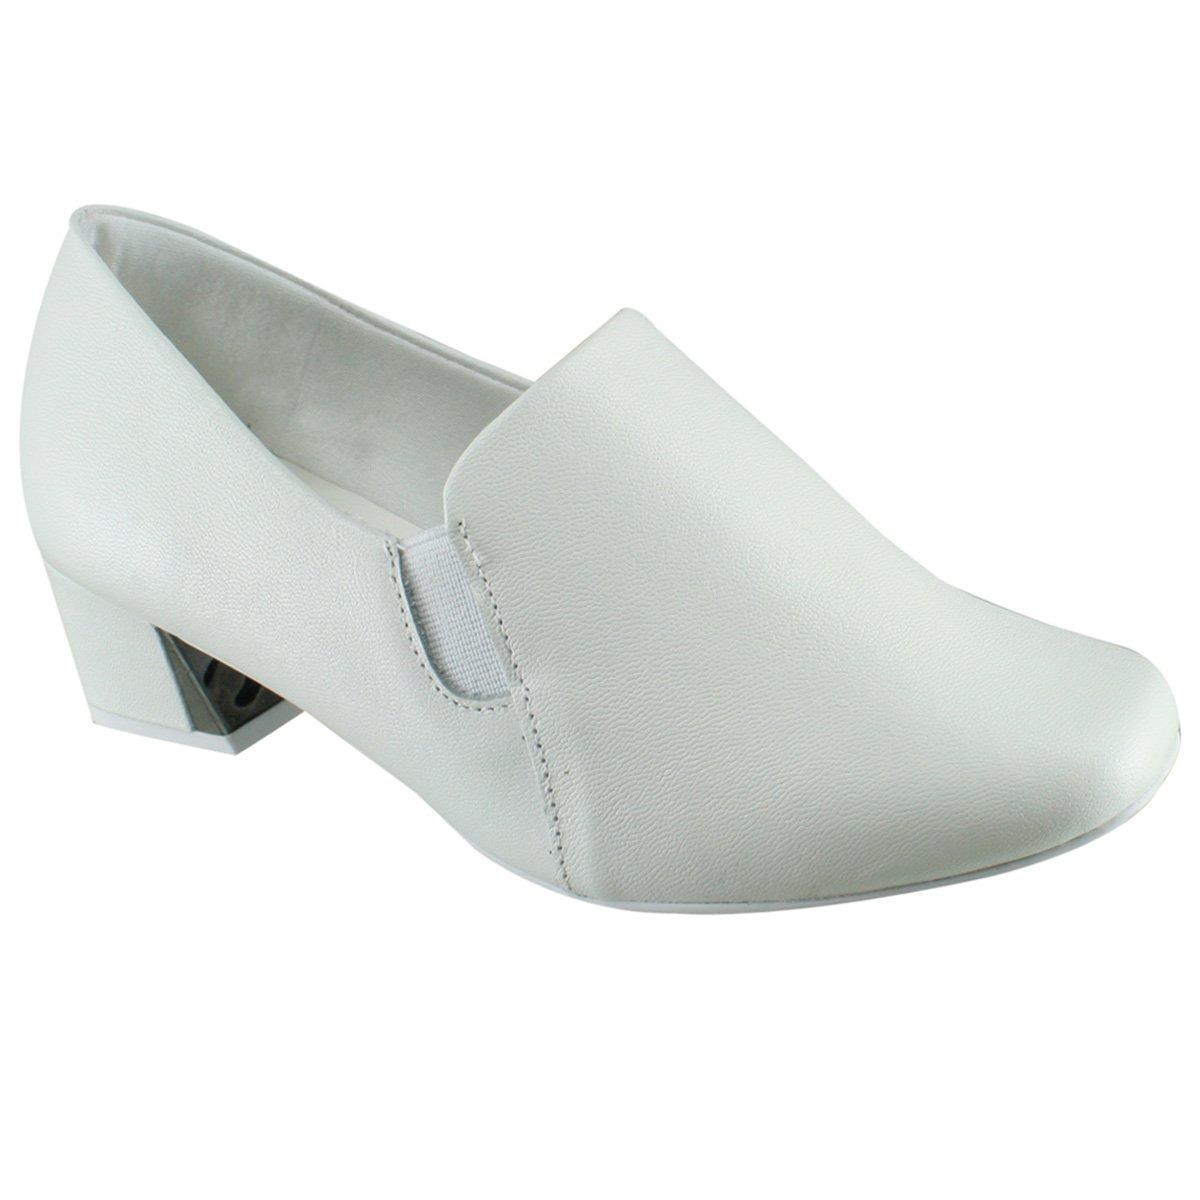 e79ec8e5e Sapato Feminino Usaflex S6542/61 | Katy Calçados - R$ 174,90 em ...